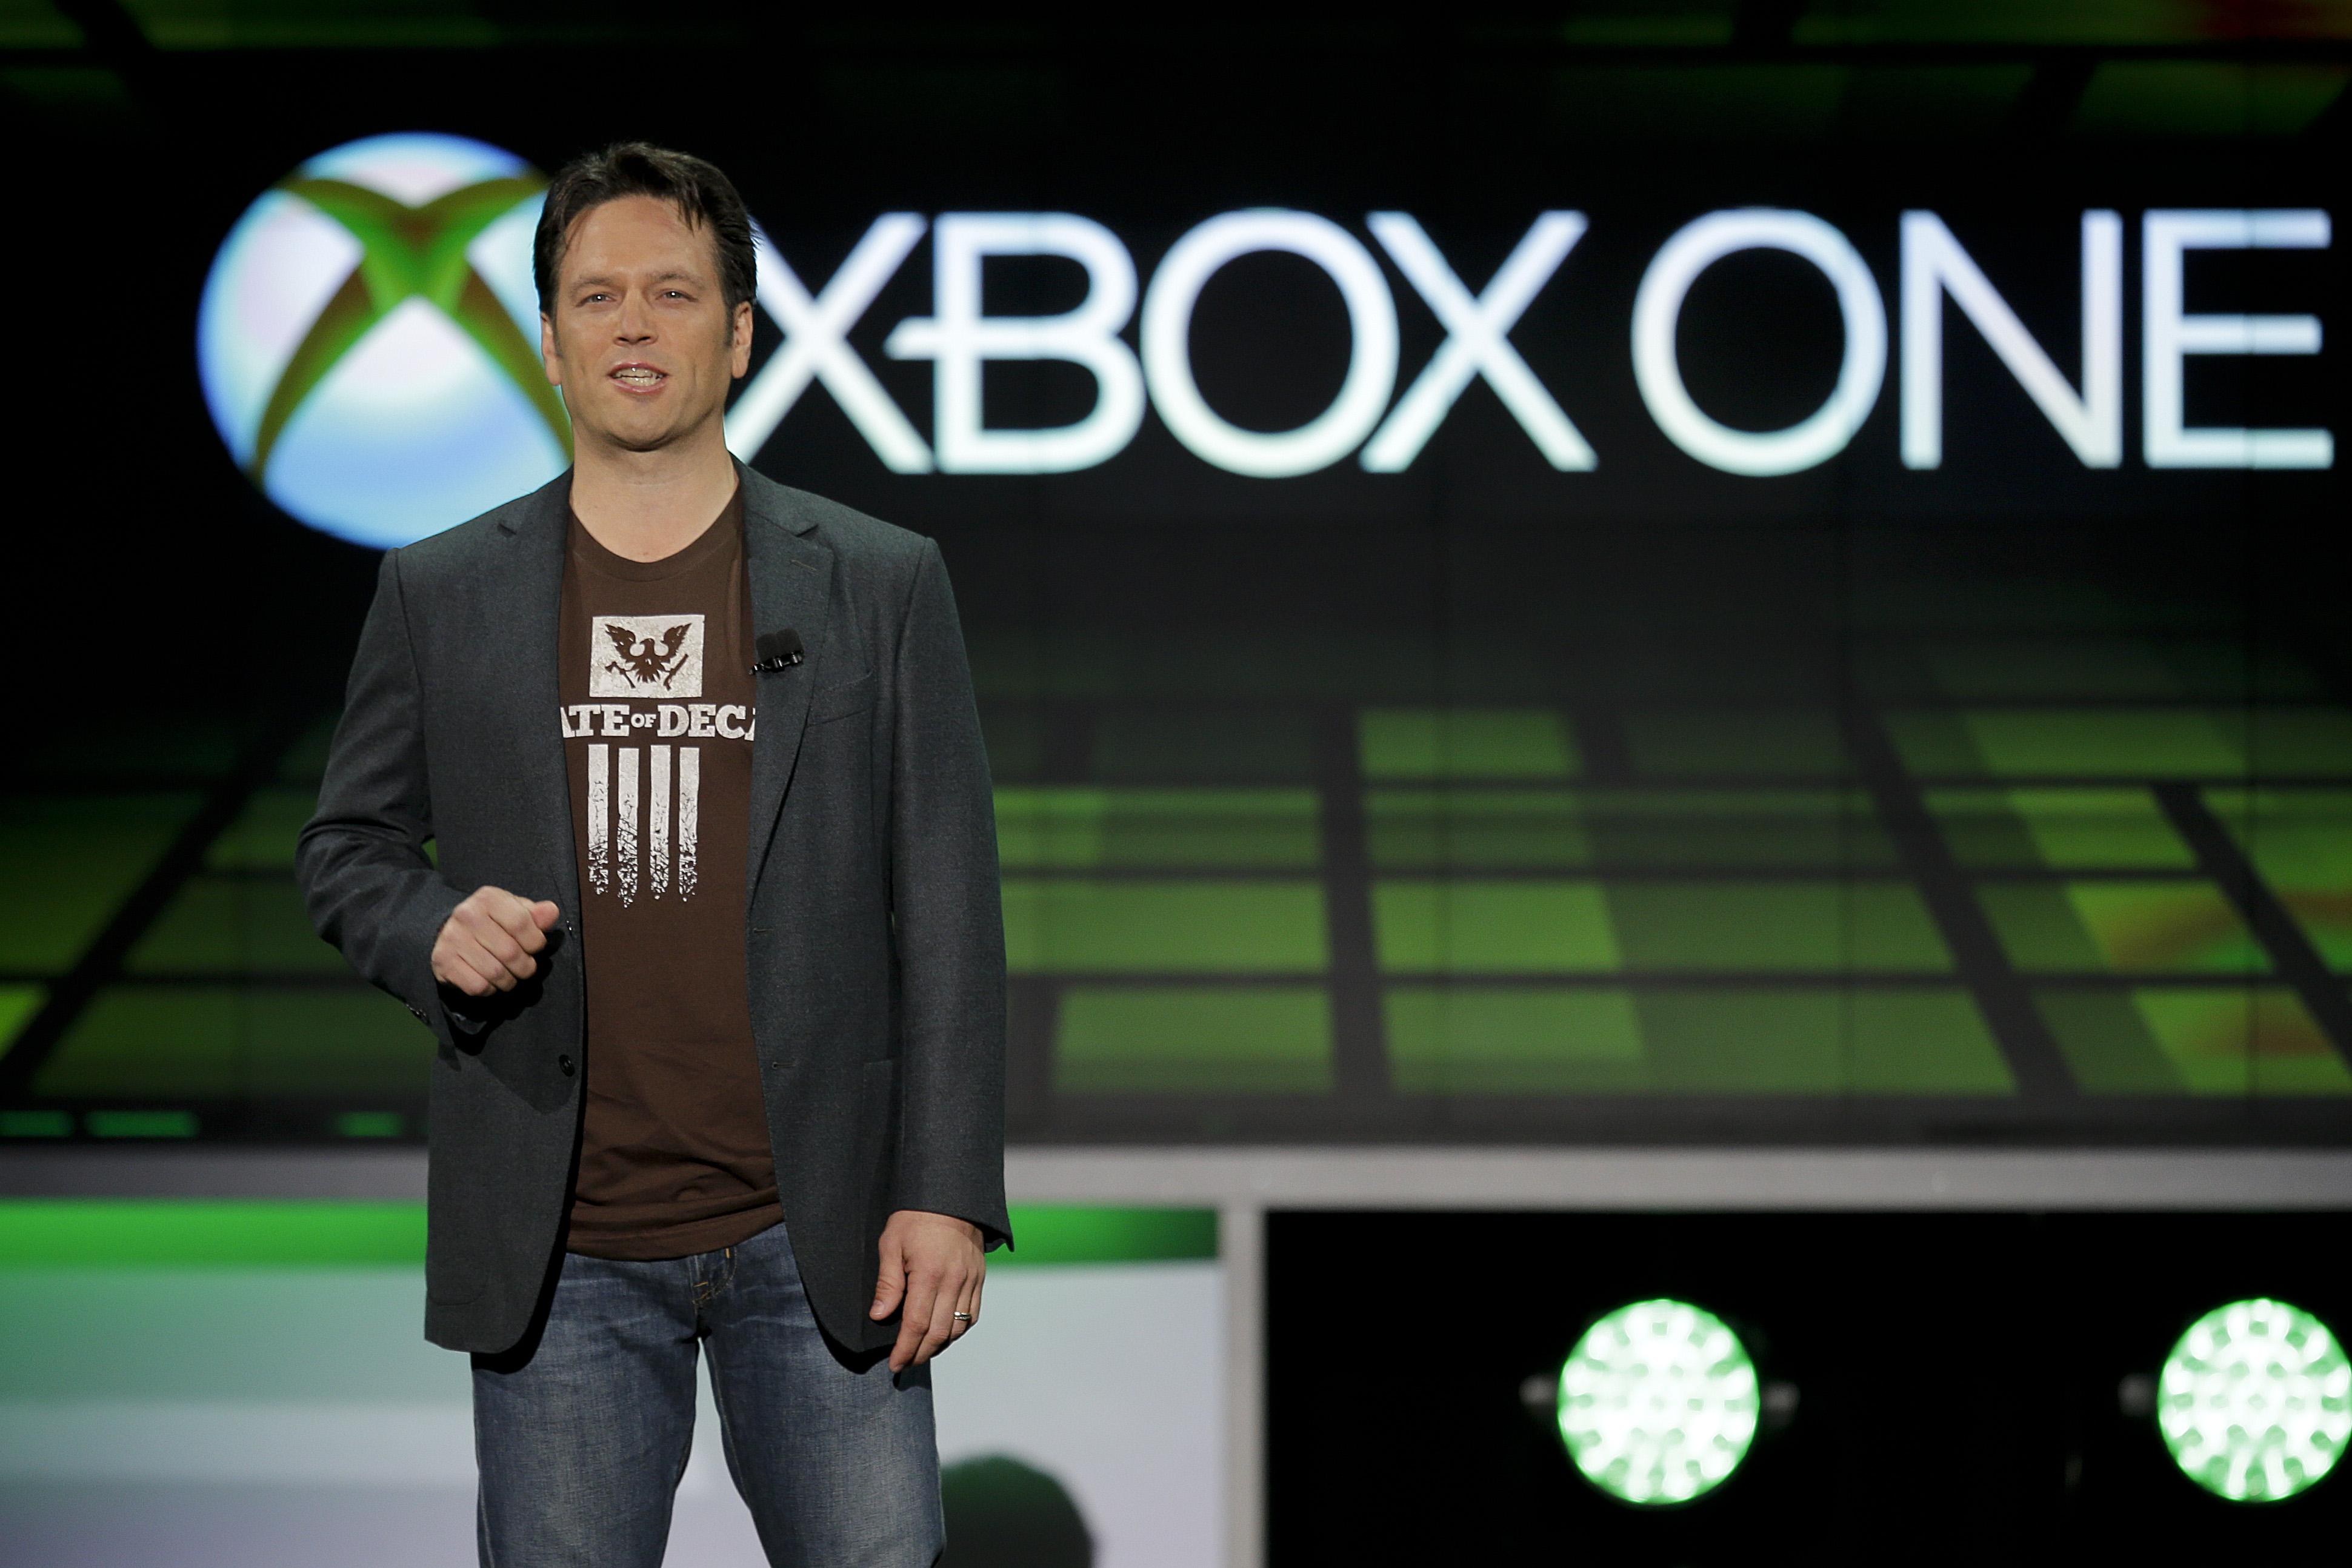 Xbox press